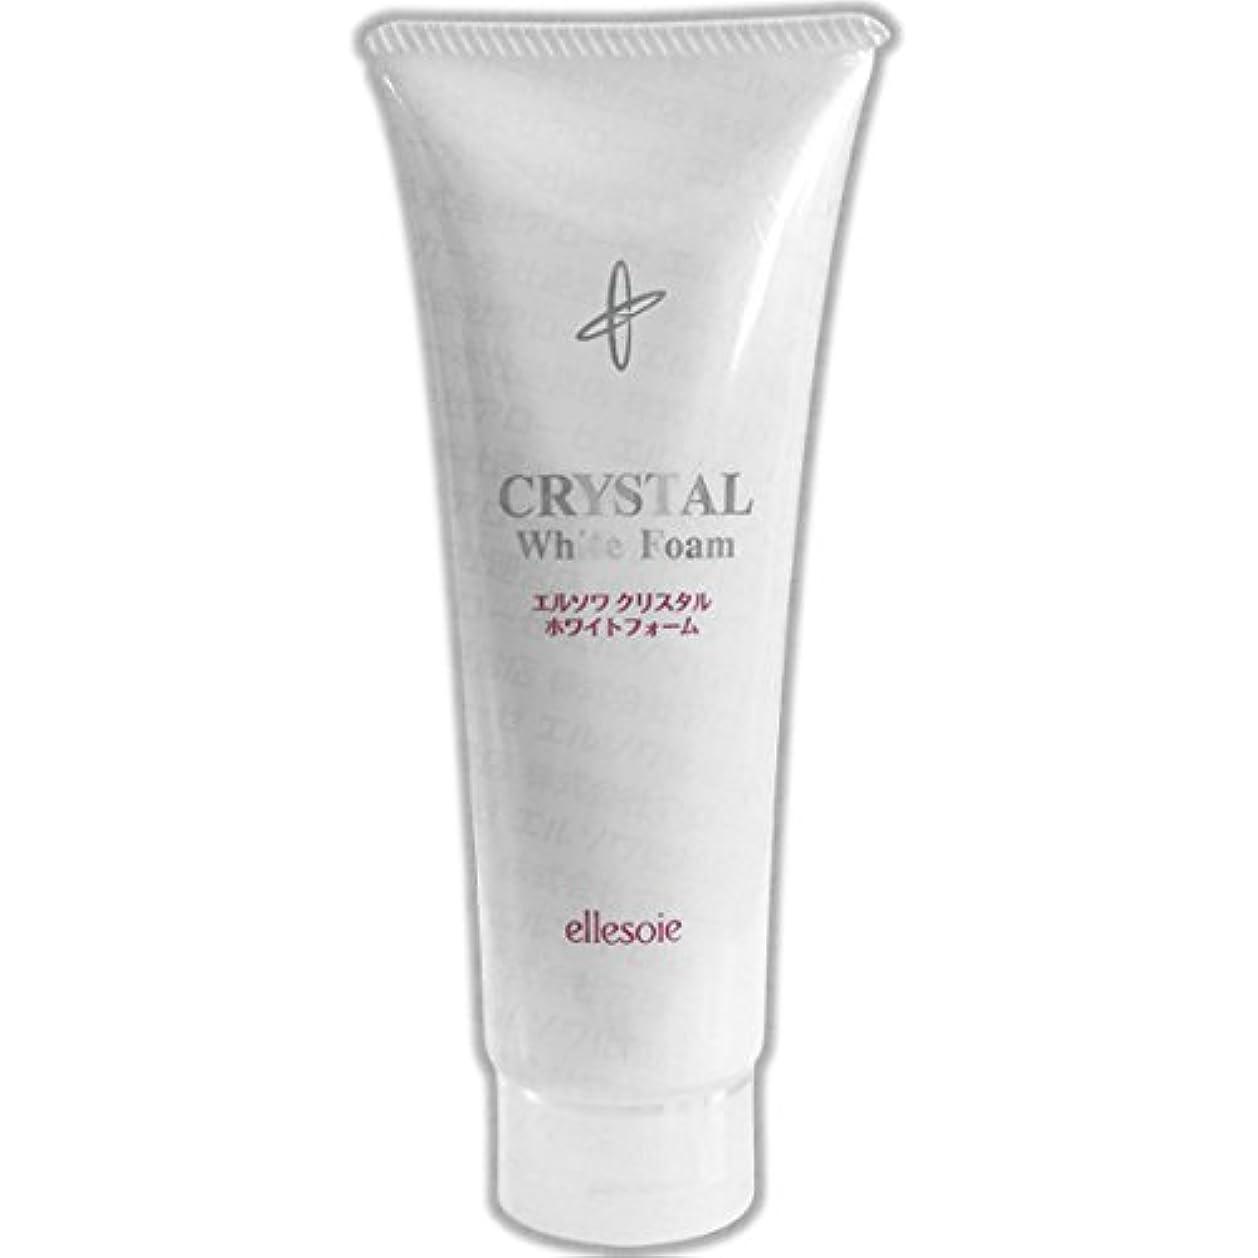 ポップオプショナルイースターエルソワ化粧品(ellesoie) クリスタル ホワイトフォーム 洗顔